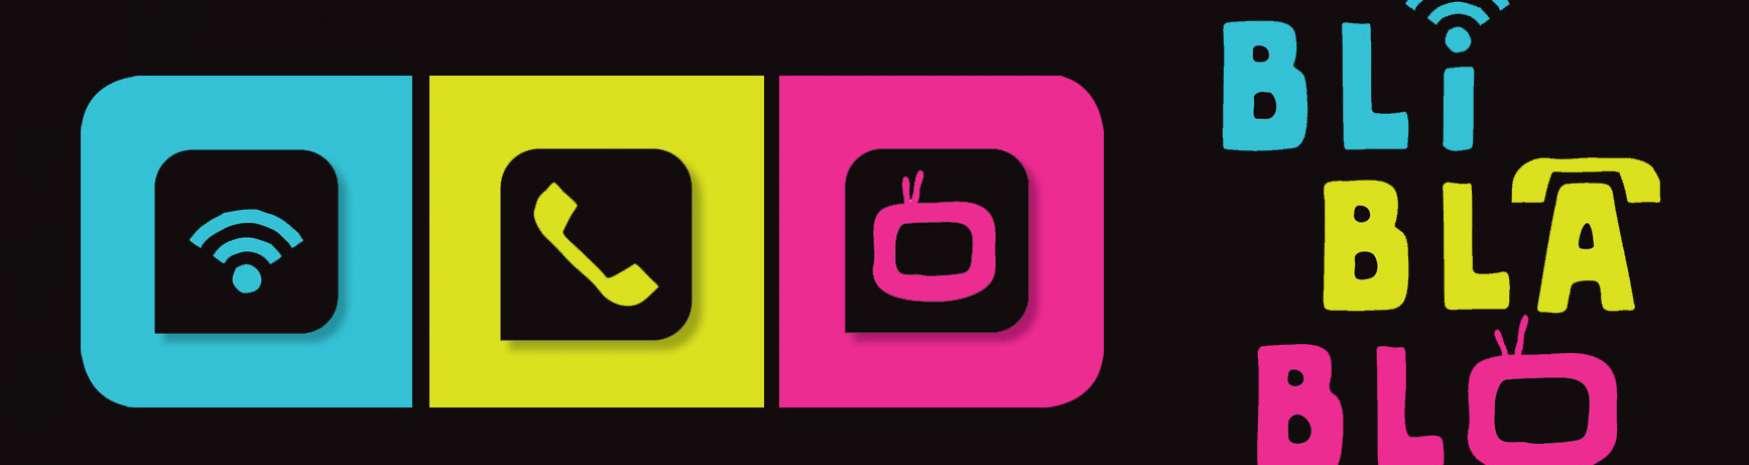 Nouveautés TV de l'automne